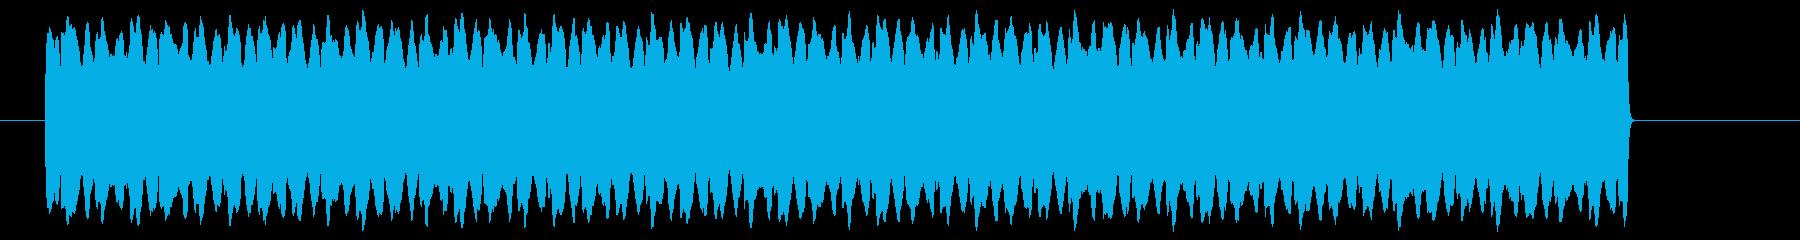 ピ――――!高音のレーザー光線の再生済みの波形